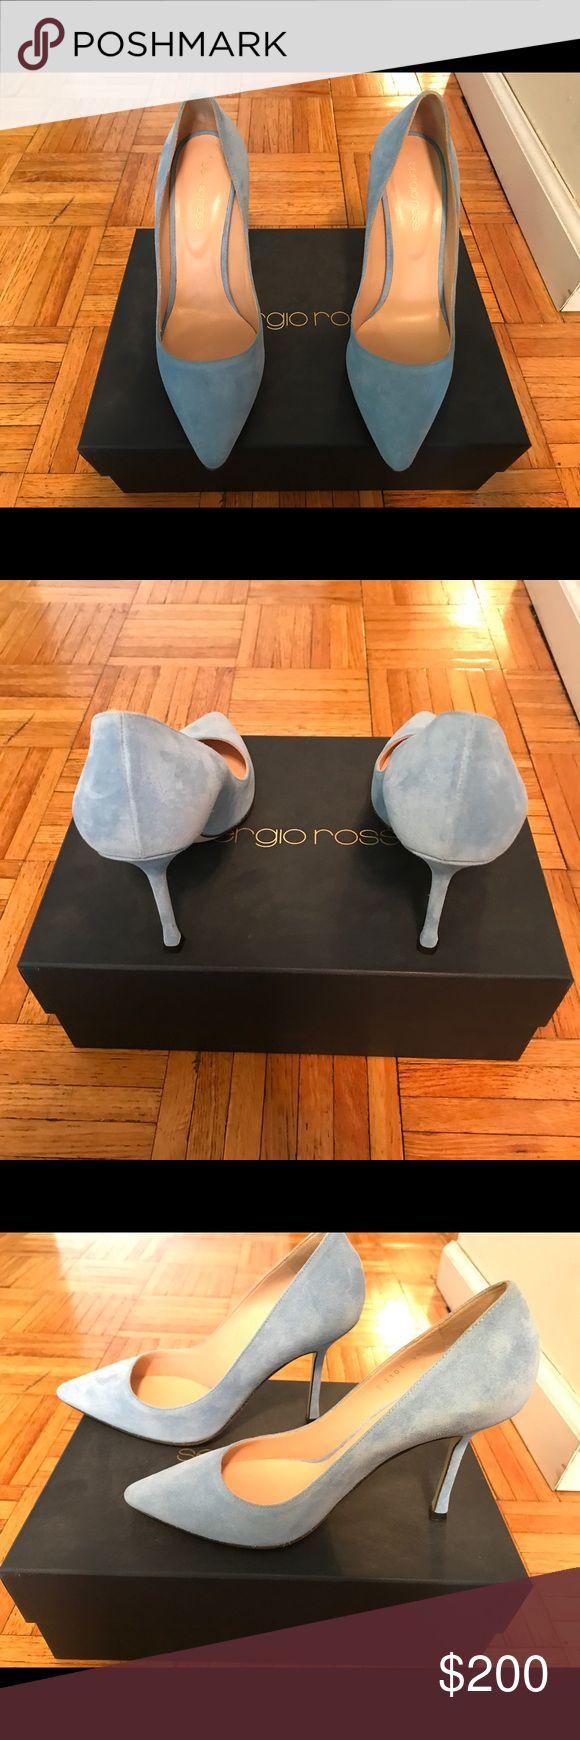 NEW Sergio Rossi Suede Pumps NEW NEVER WORN Sergio Rossi baby blue suede pumps Sergio Rossi Shoes Heels